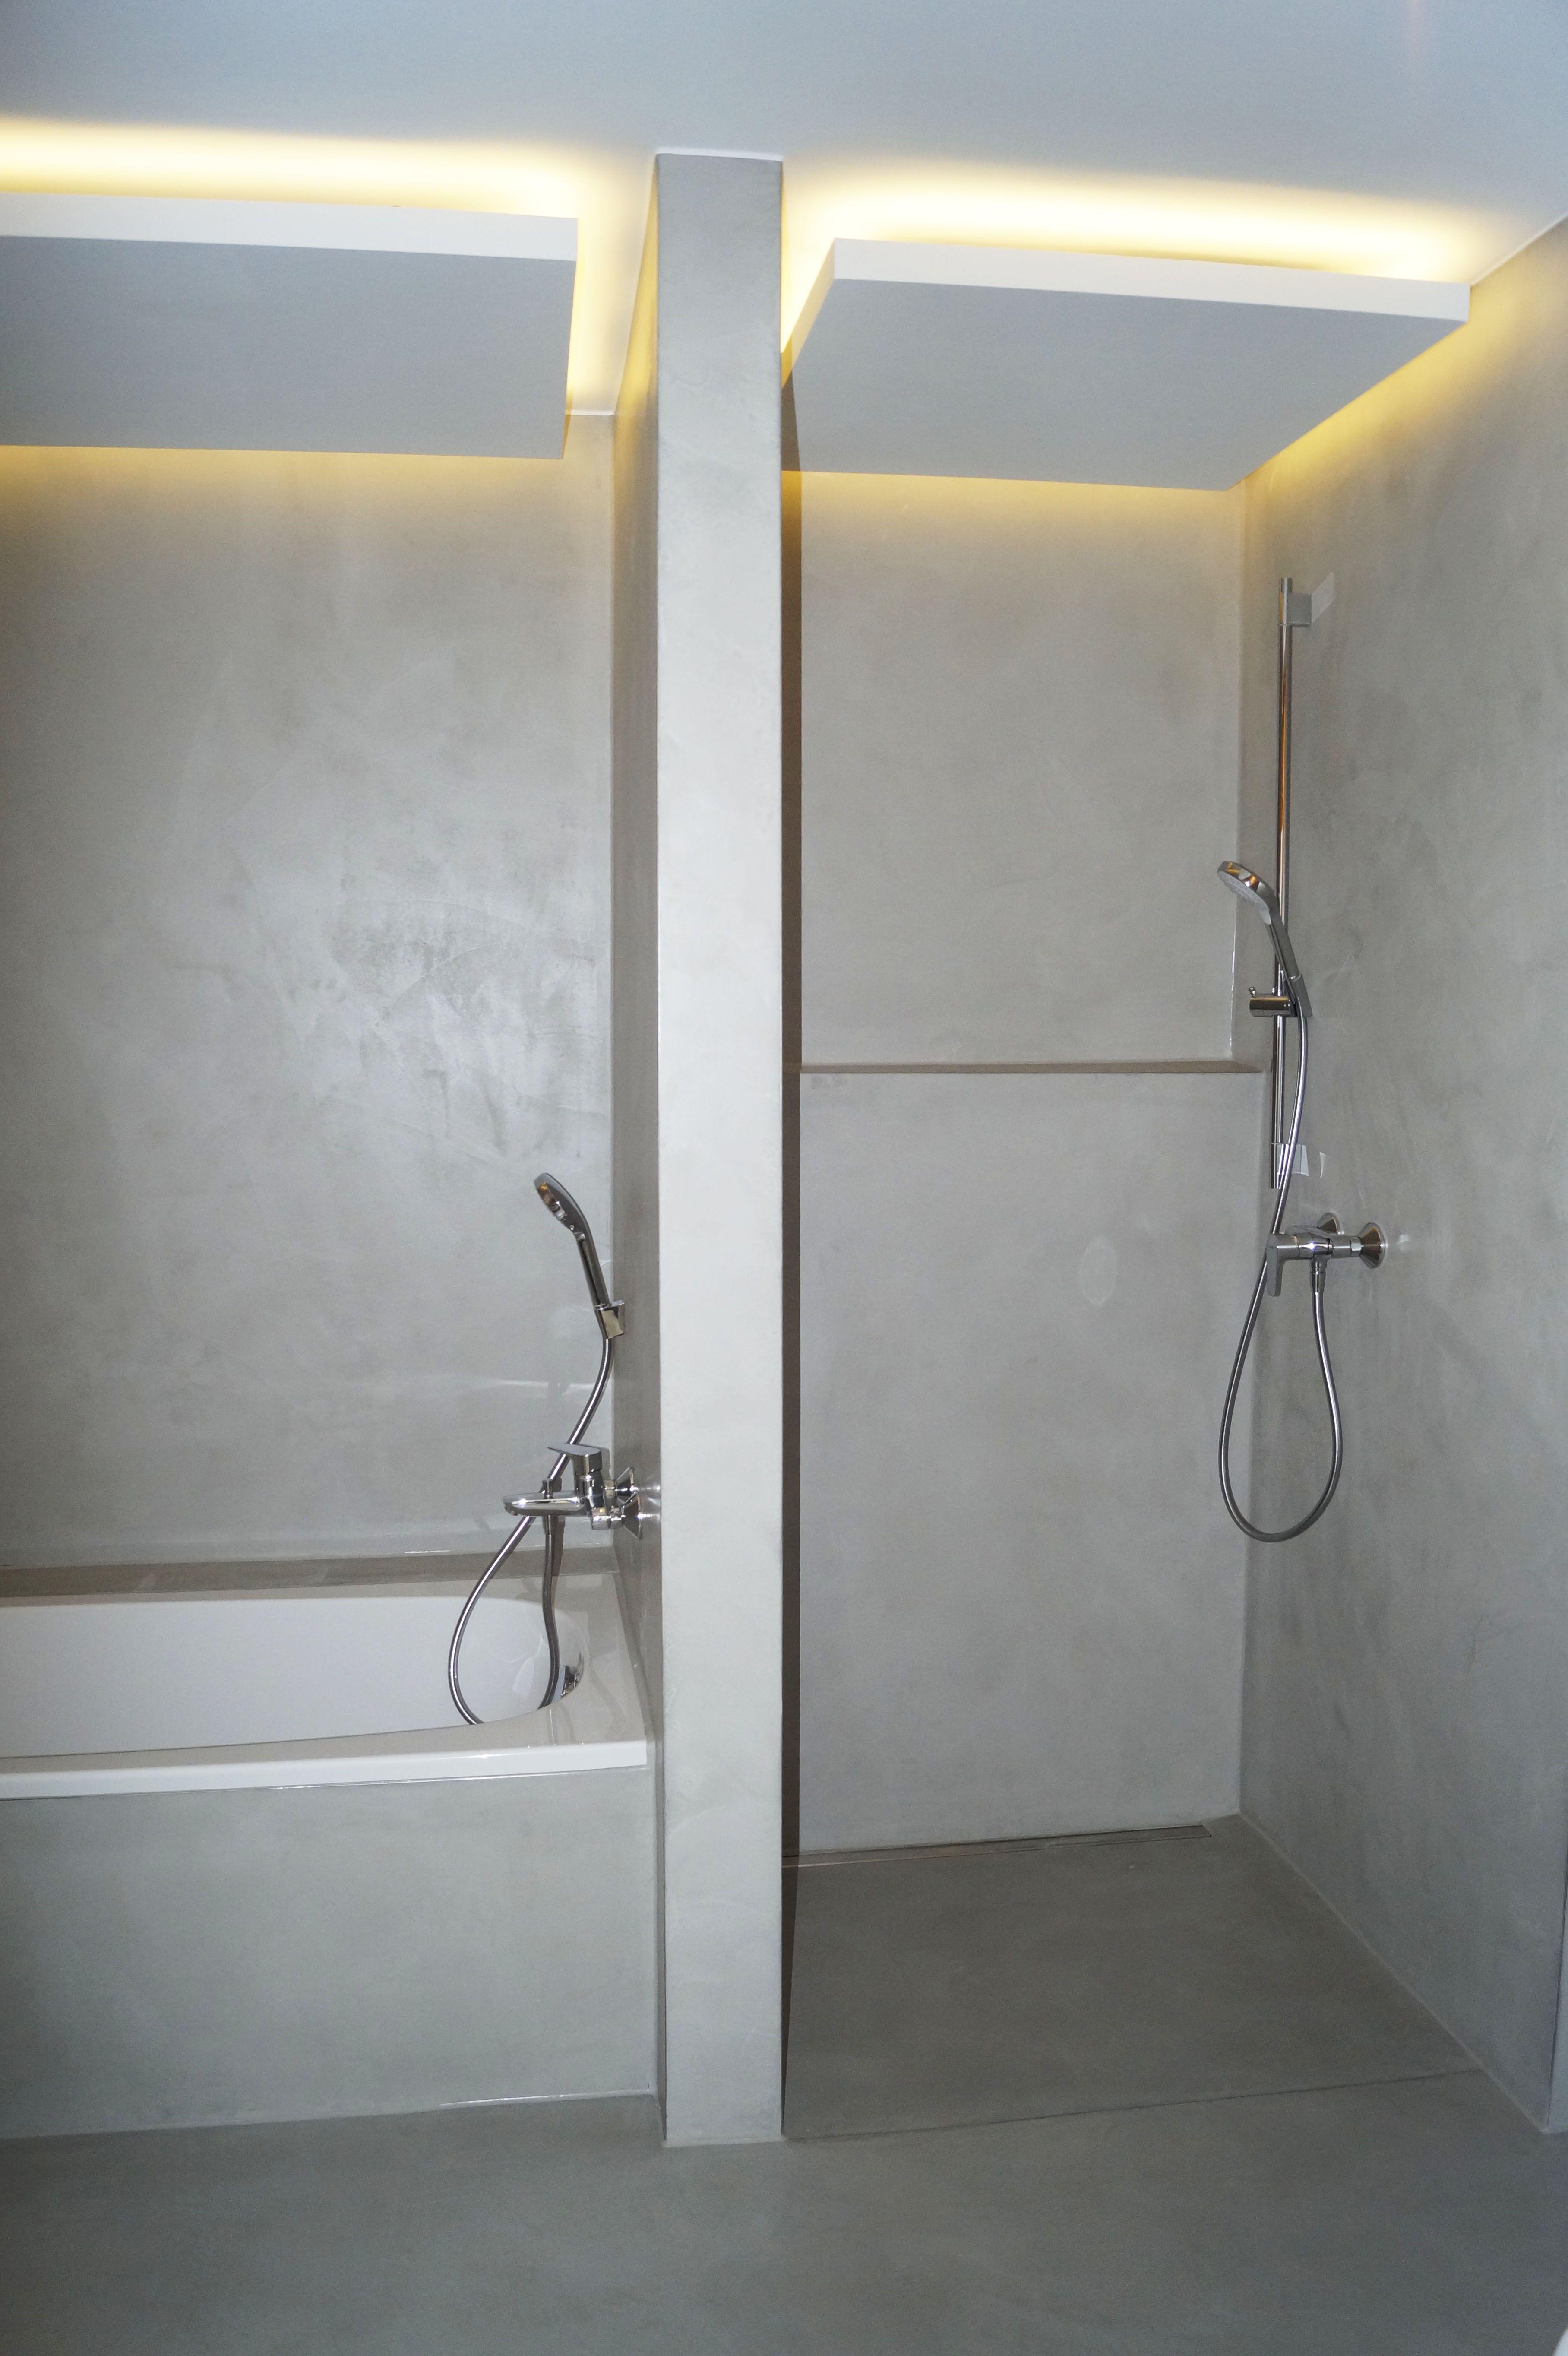 Bad Und Dusche In Betonoptik Gespachtelt Mit Weisszement Von Fugenlos Modern De Badezimmer In 2019 Fugenloses Bad Dusche Beleuchtung Und Bad Renovieren